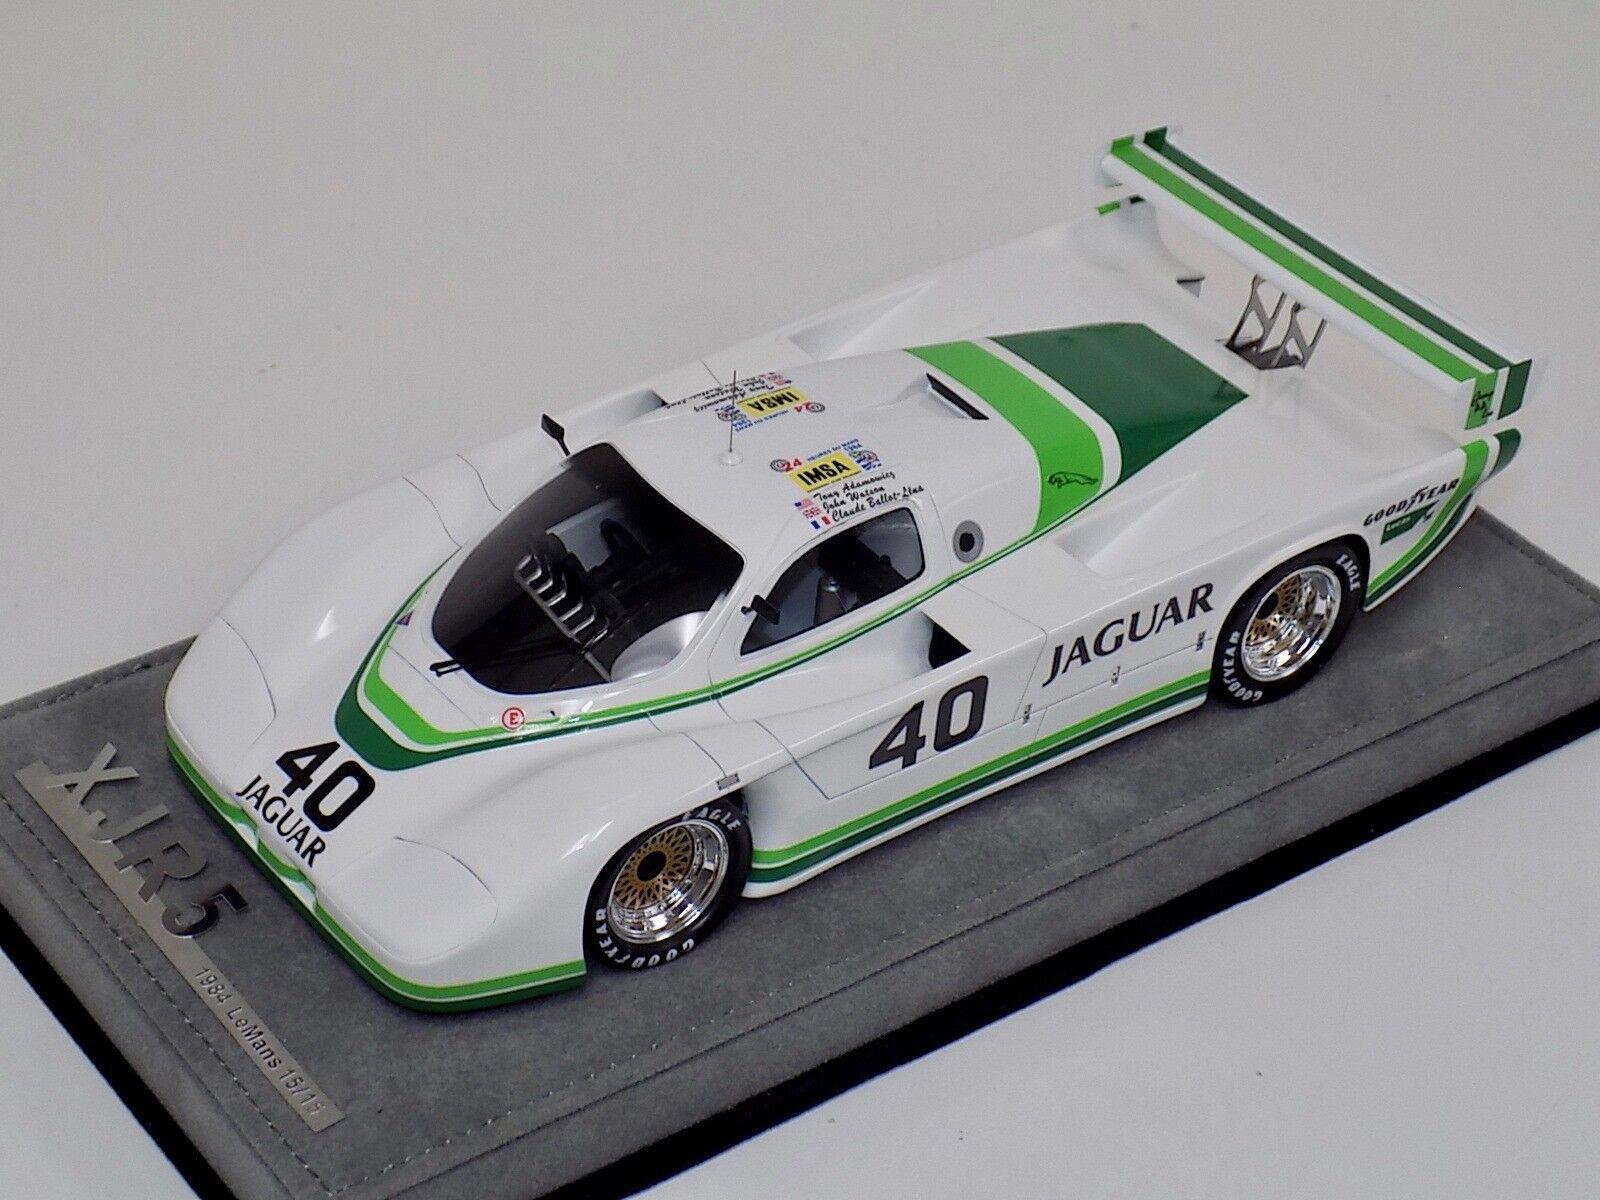 prezzi all'ingrosso 1 18 18 18 AB modellos Jaguar XJR5 1984 24 Hours of Leuomos auto  40 Day time  15 of 15  Ritorno di 10 giorni